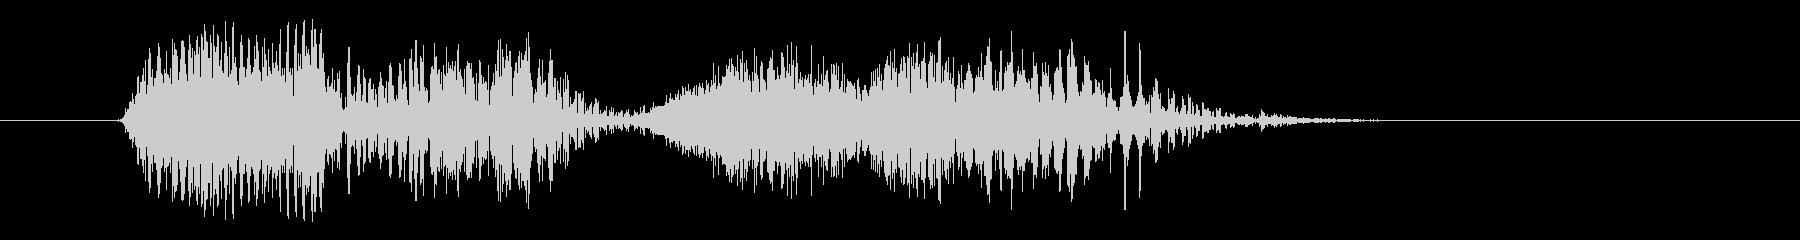 コンピューター、男性の声:密閉され...の未再生の波形